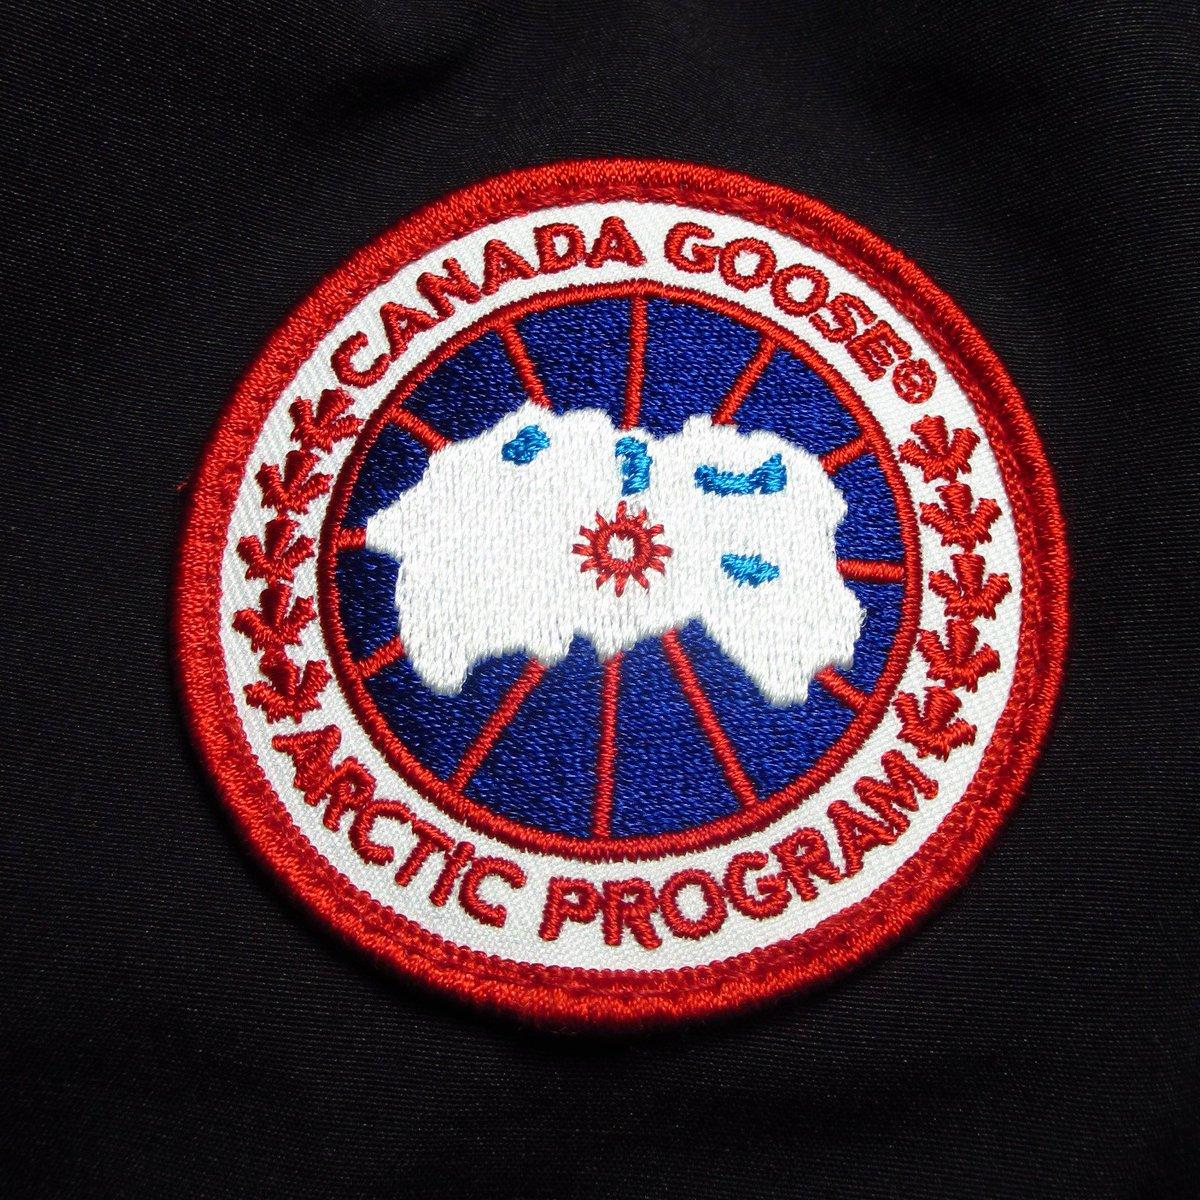 Canada Goose logo 2